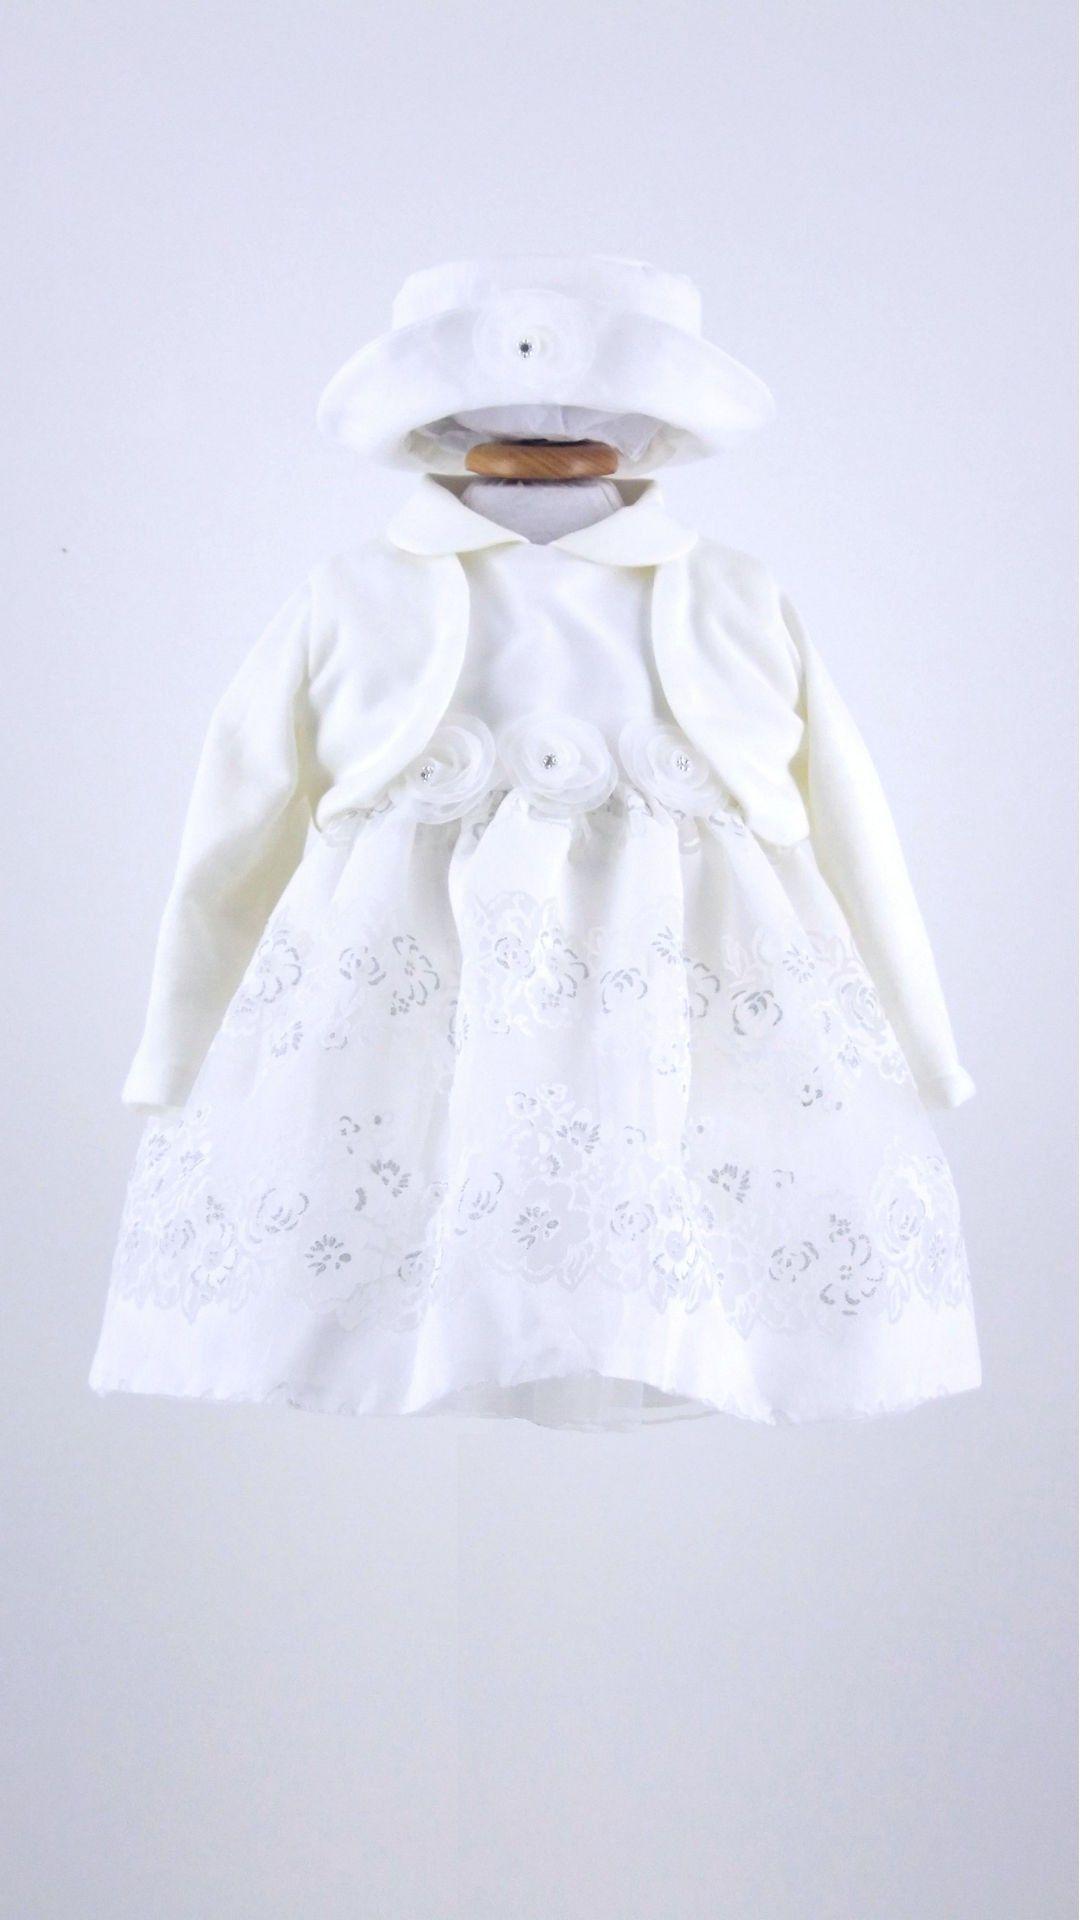 d7d8a5cf99da5 Abito Battesimo Bimba Nazareno Gabrielli - Abbigliamento Neonati Bolle di  Sapone